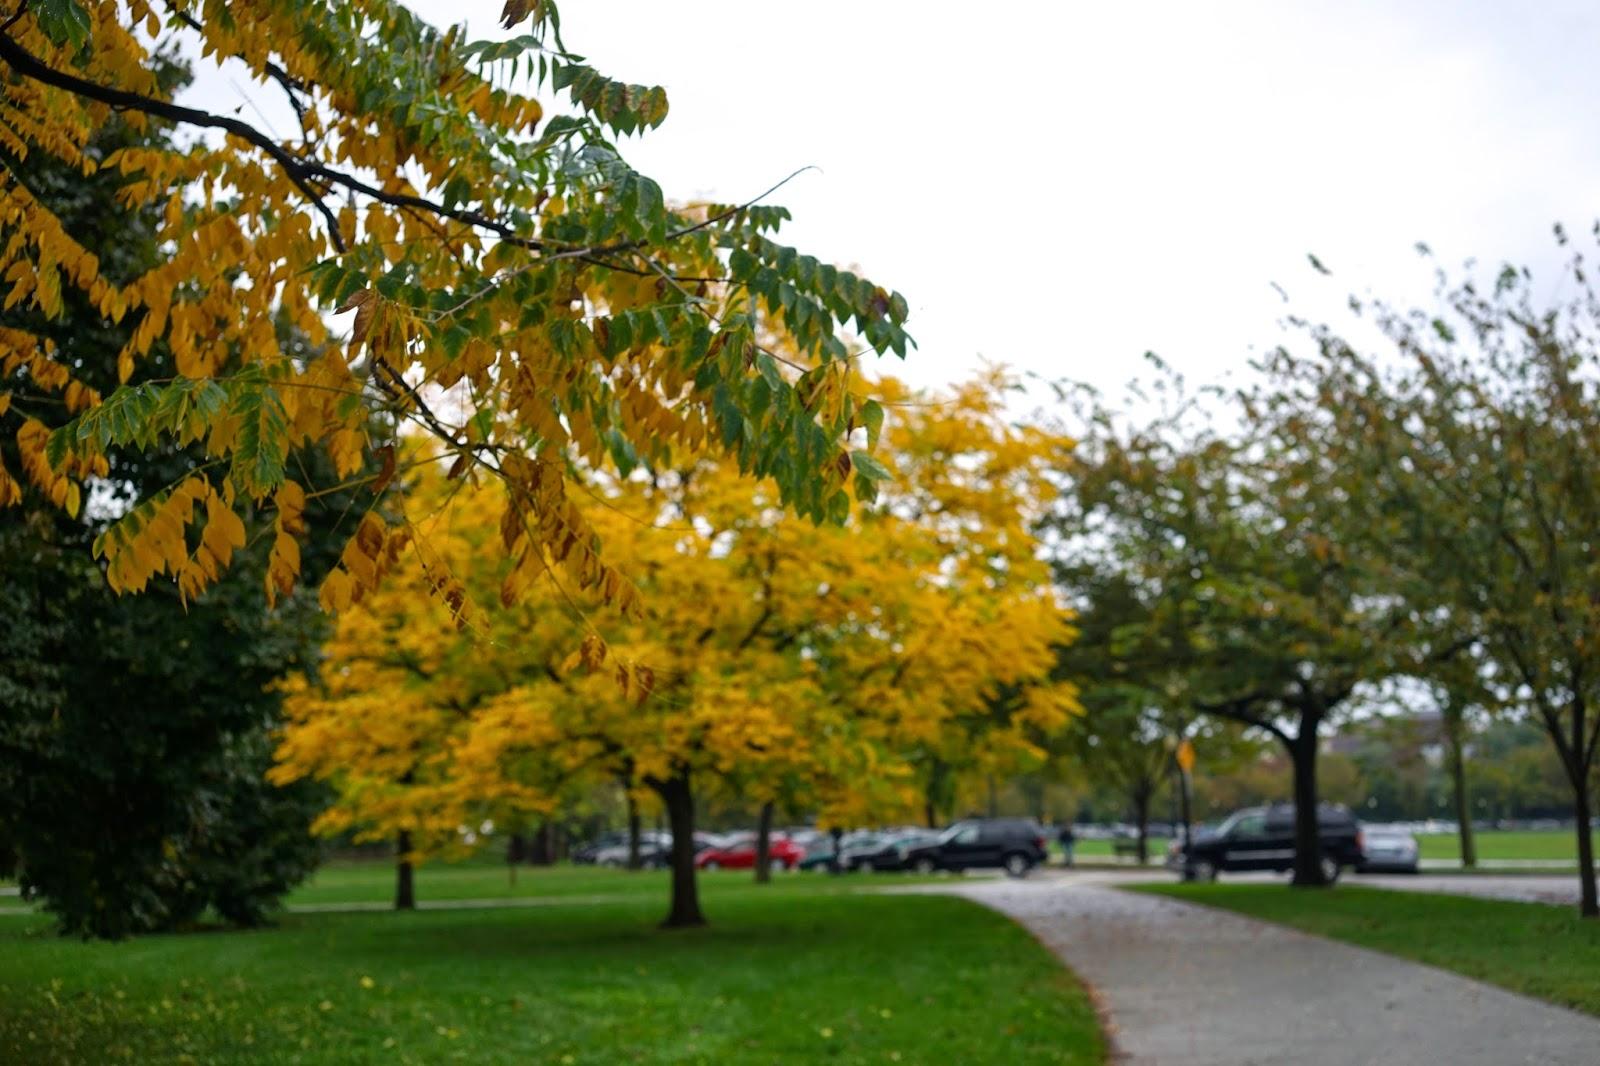 washington d.c park